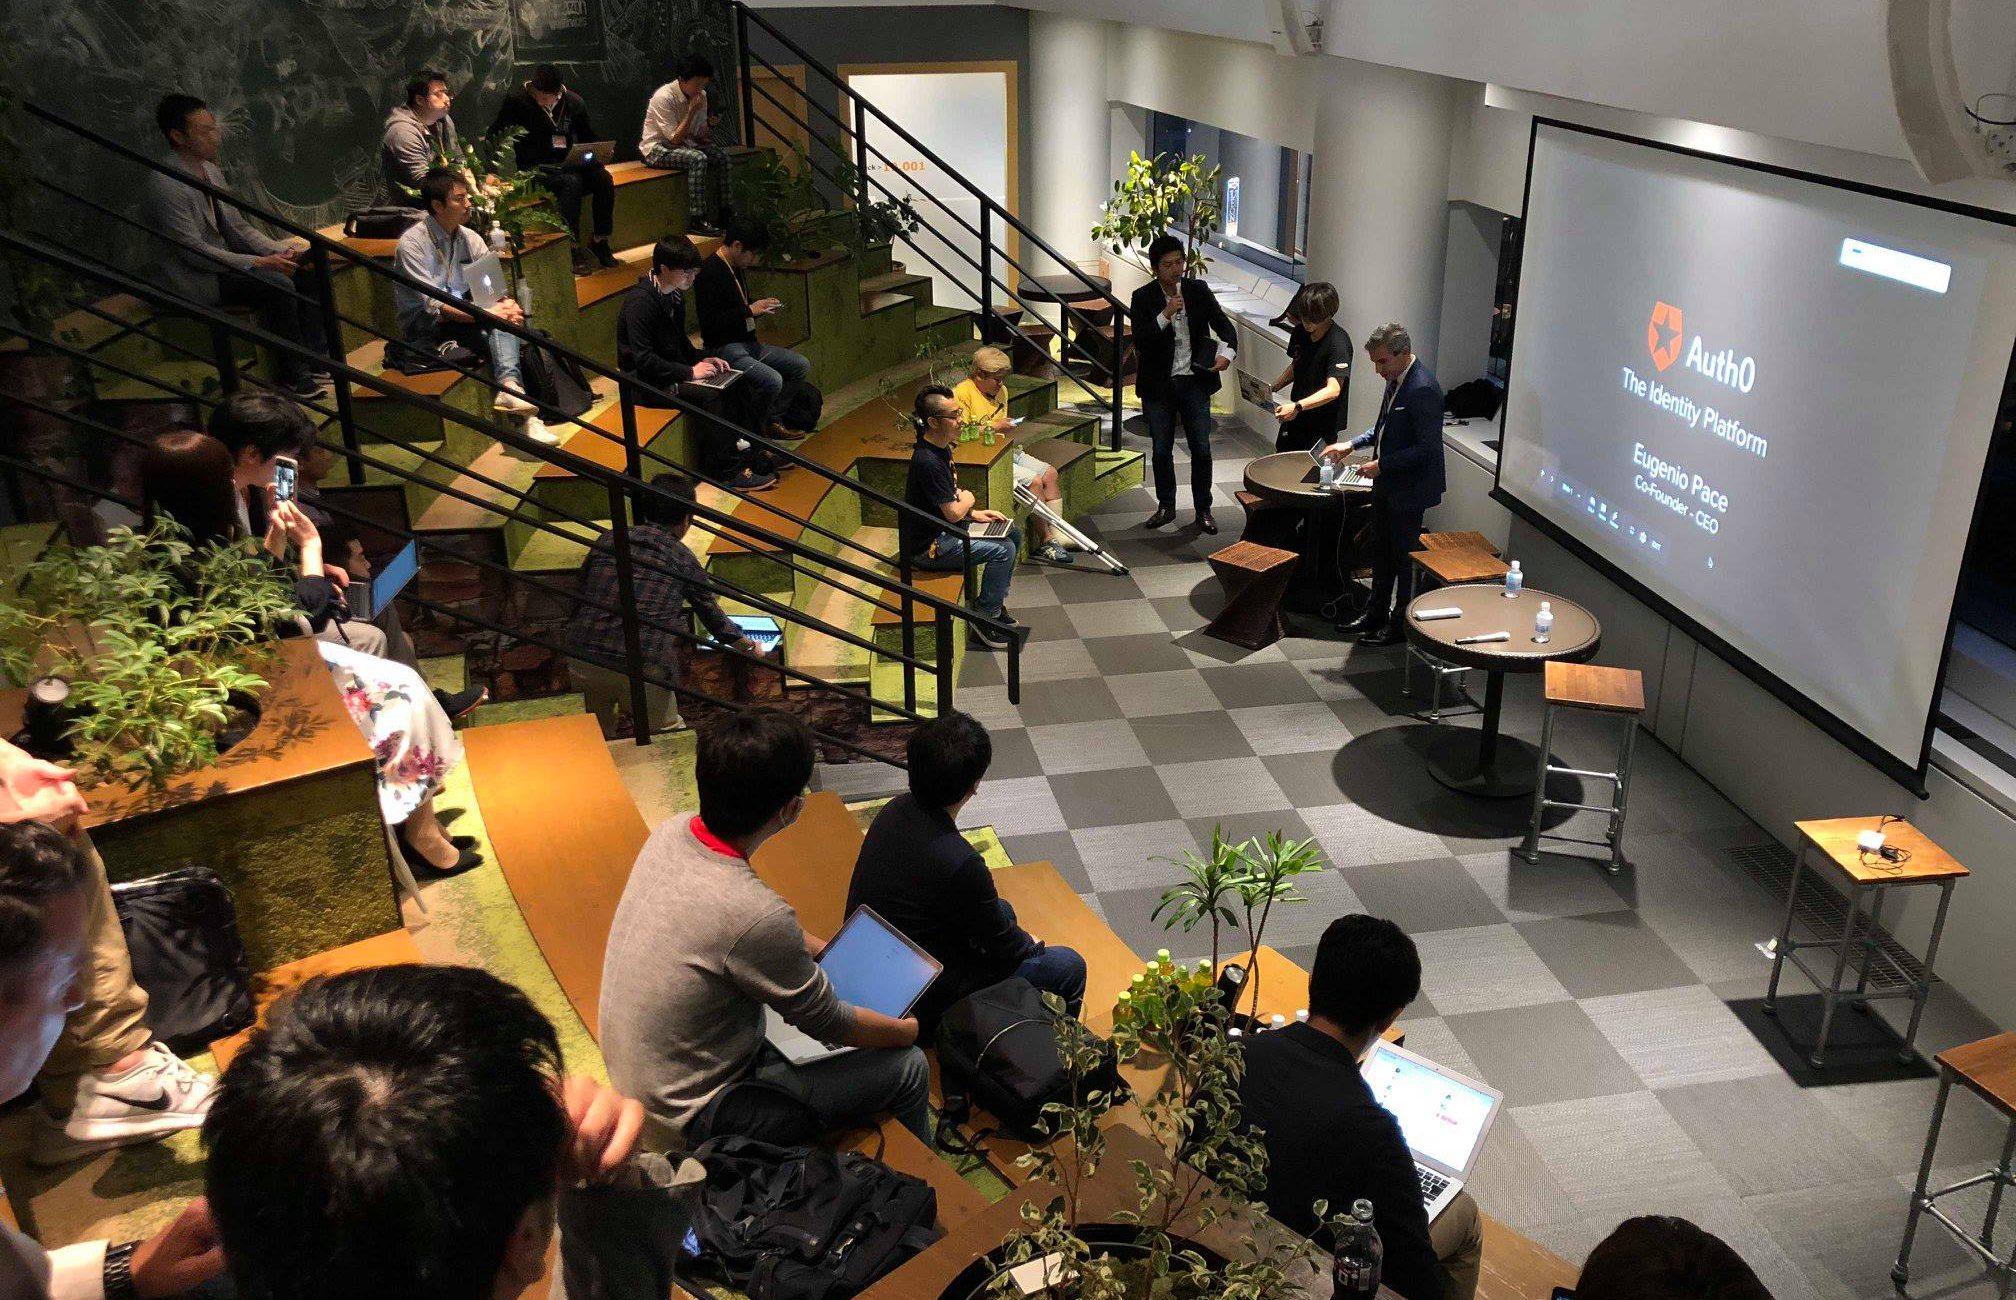 Eugenio Pace present in a tech talk